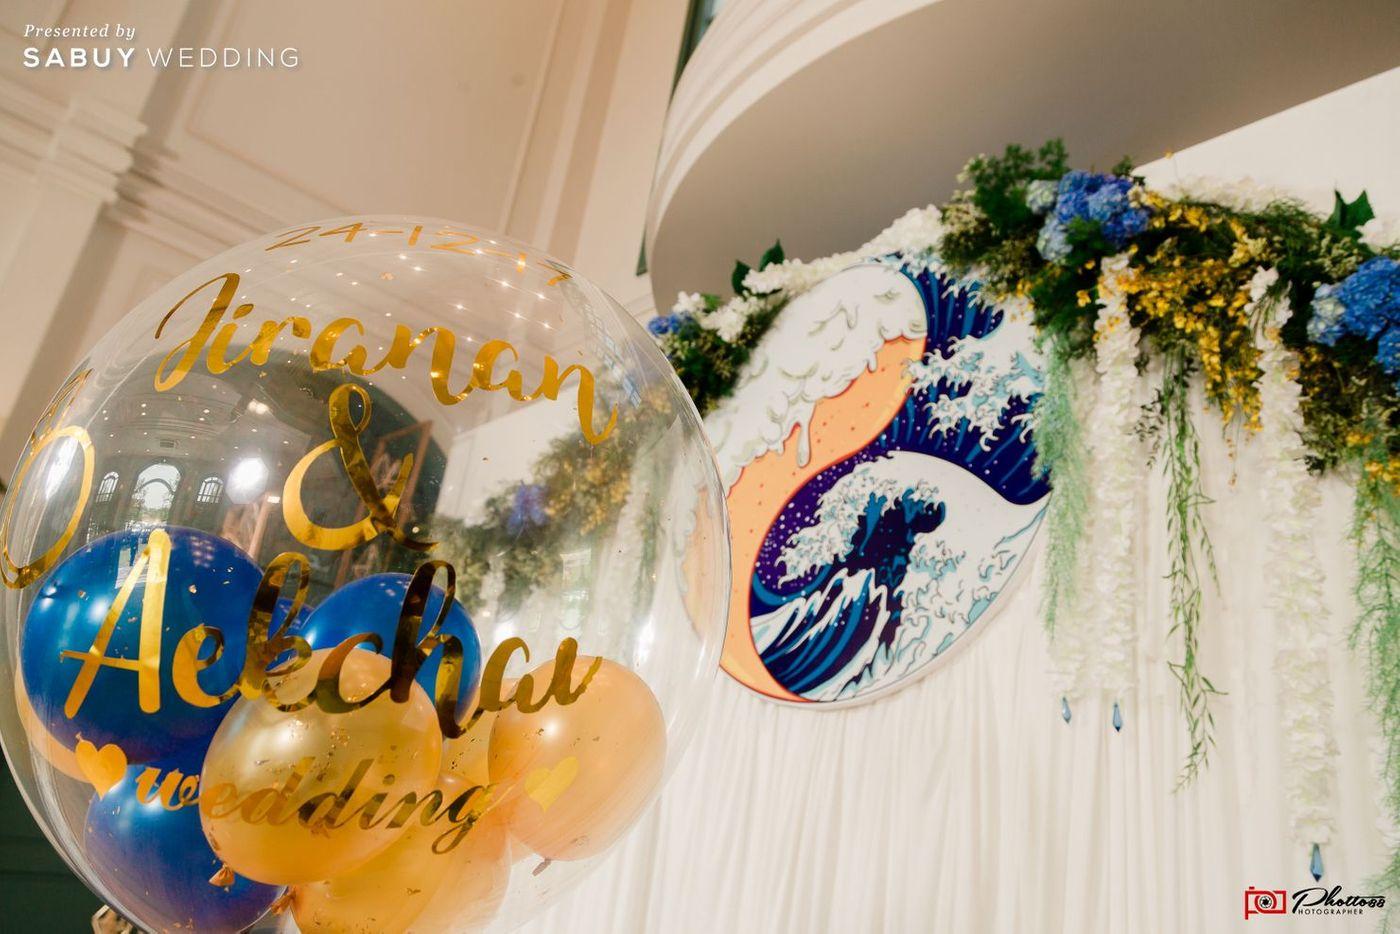 งานแต่งงาน,เจ้าบ่าว,เจ้าสาว,สถานที่แต่งงาน,สถานที่จัดงานแต่งงาน,จัดงานแต่งงาน,ชุดเจ้าบ่าว,ชุดเจ้าสาว,ของชำร่วย,แบ็คดรอป รีวิวงานแต่งมินิมอล ตกแต่งน้อยแต่สวยปัง อลังด้วยสถานที่ @Villa De Bua